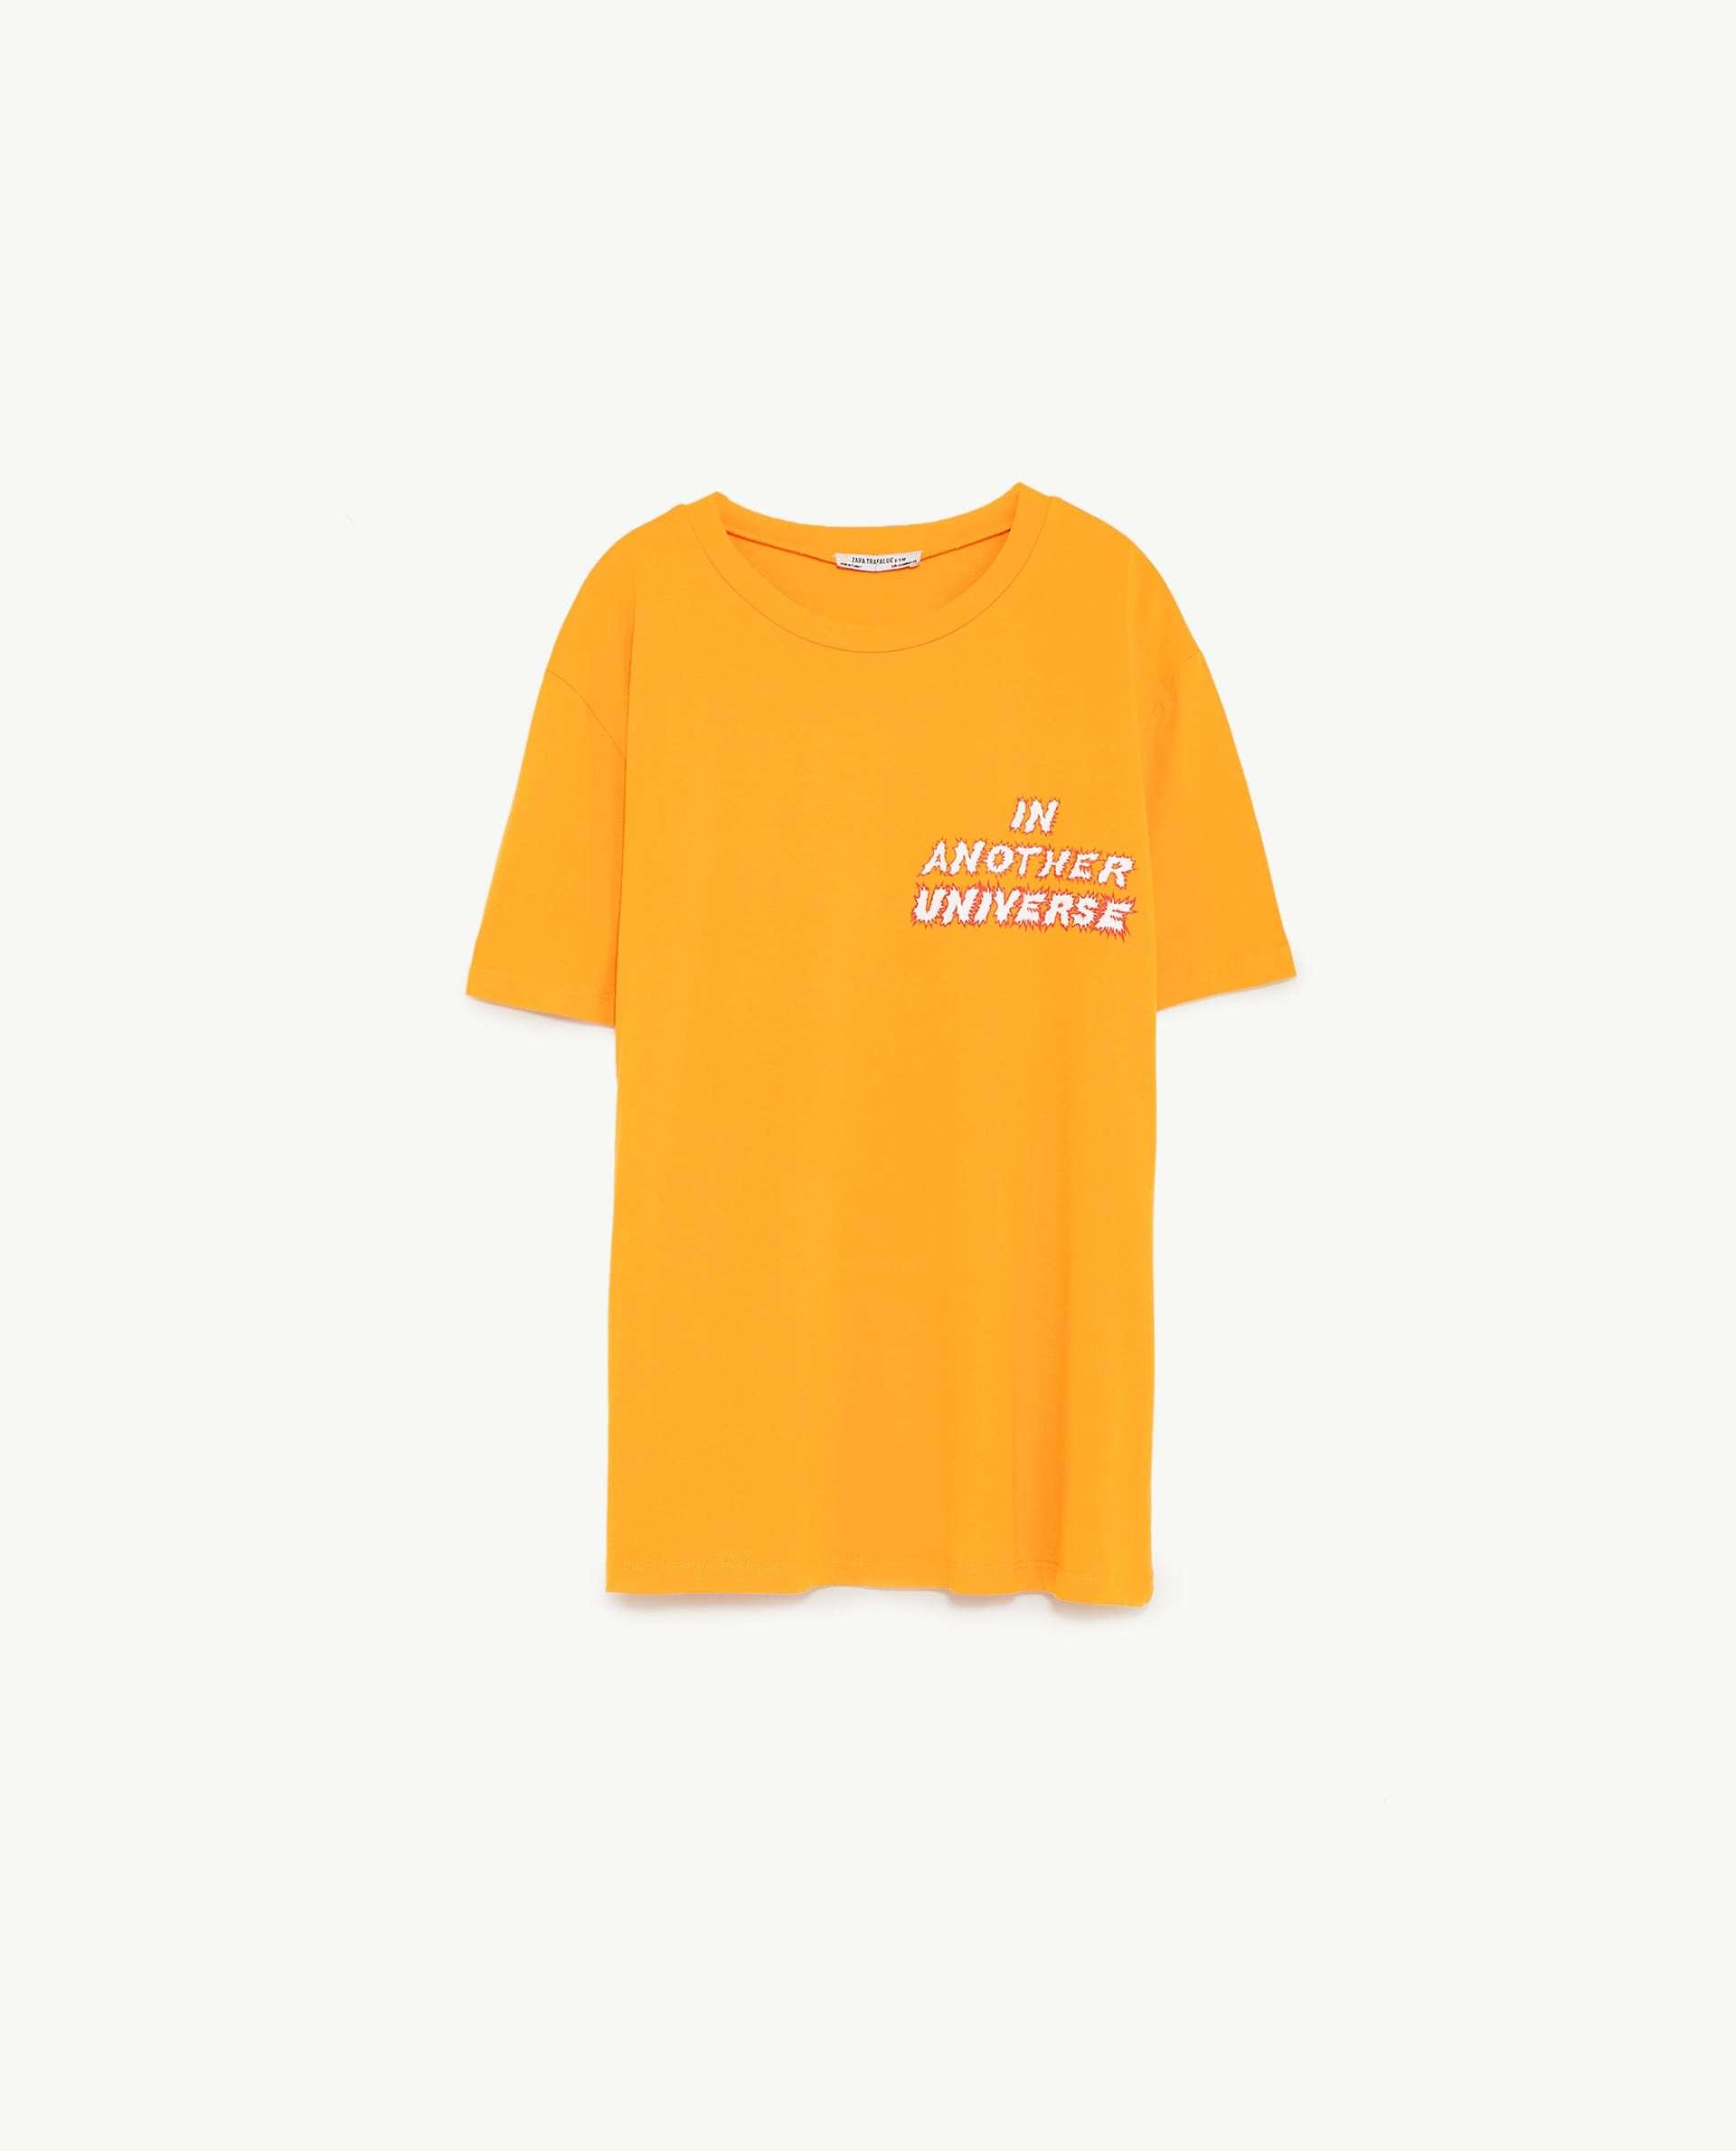 Camiseta, de Zara (12,95 euros).